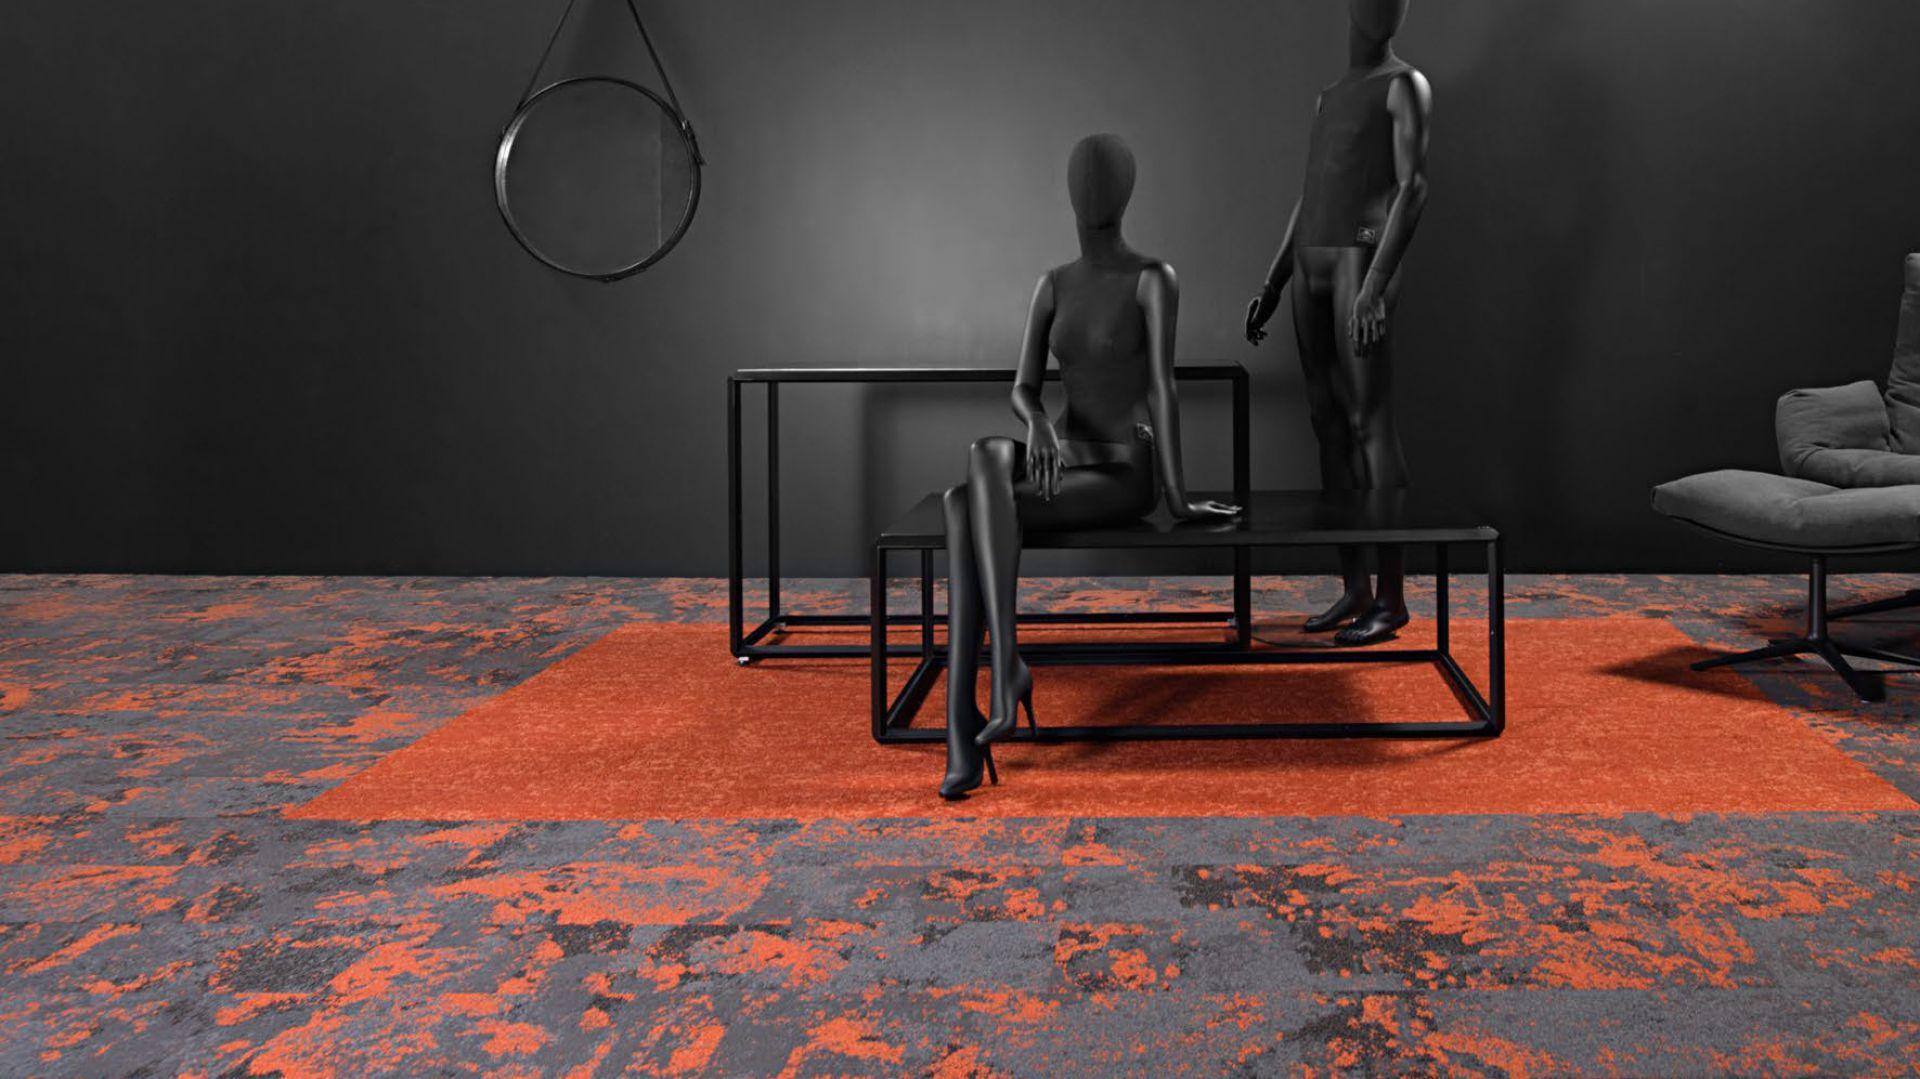 Płytka dywanowa Mundi/Voxflor. Produkt zgłoszony do konkursu Dobry Design 2019.